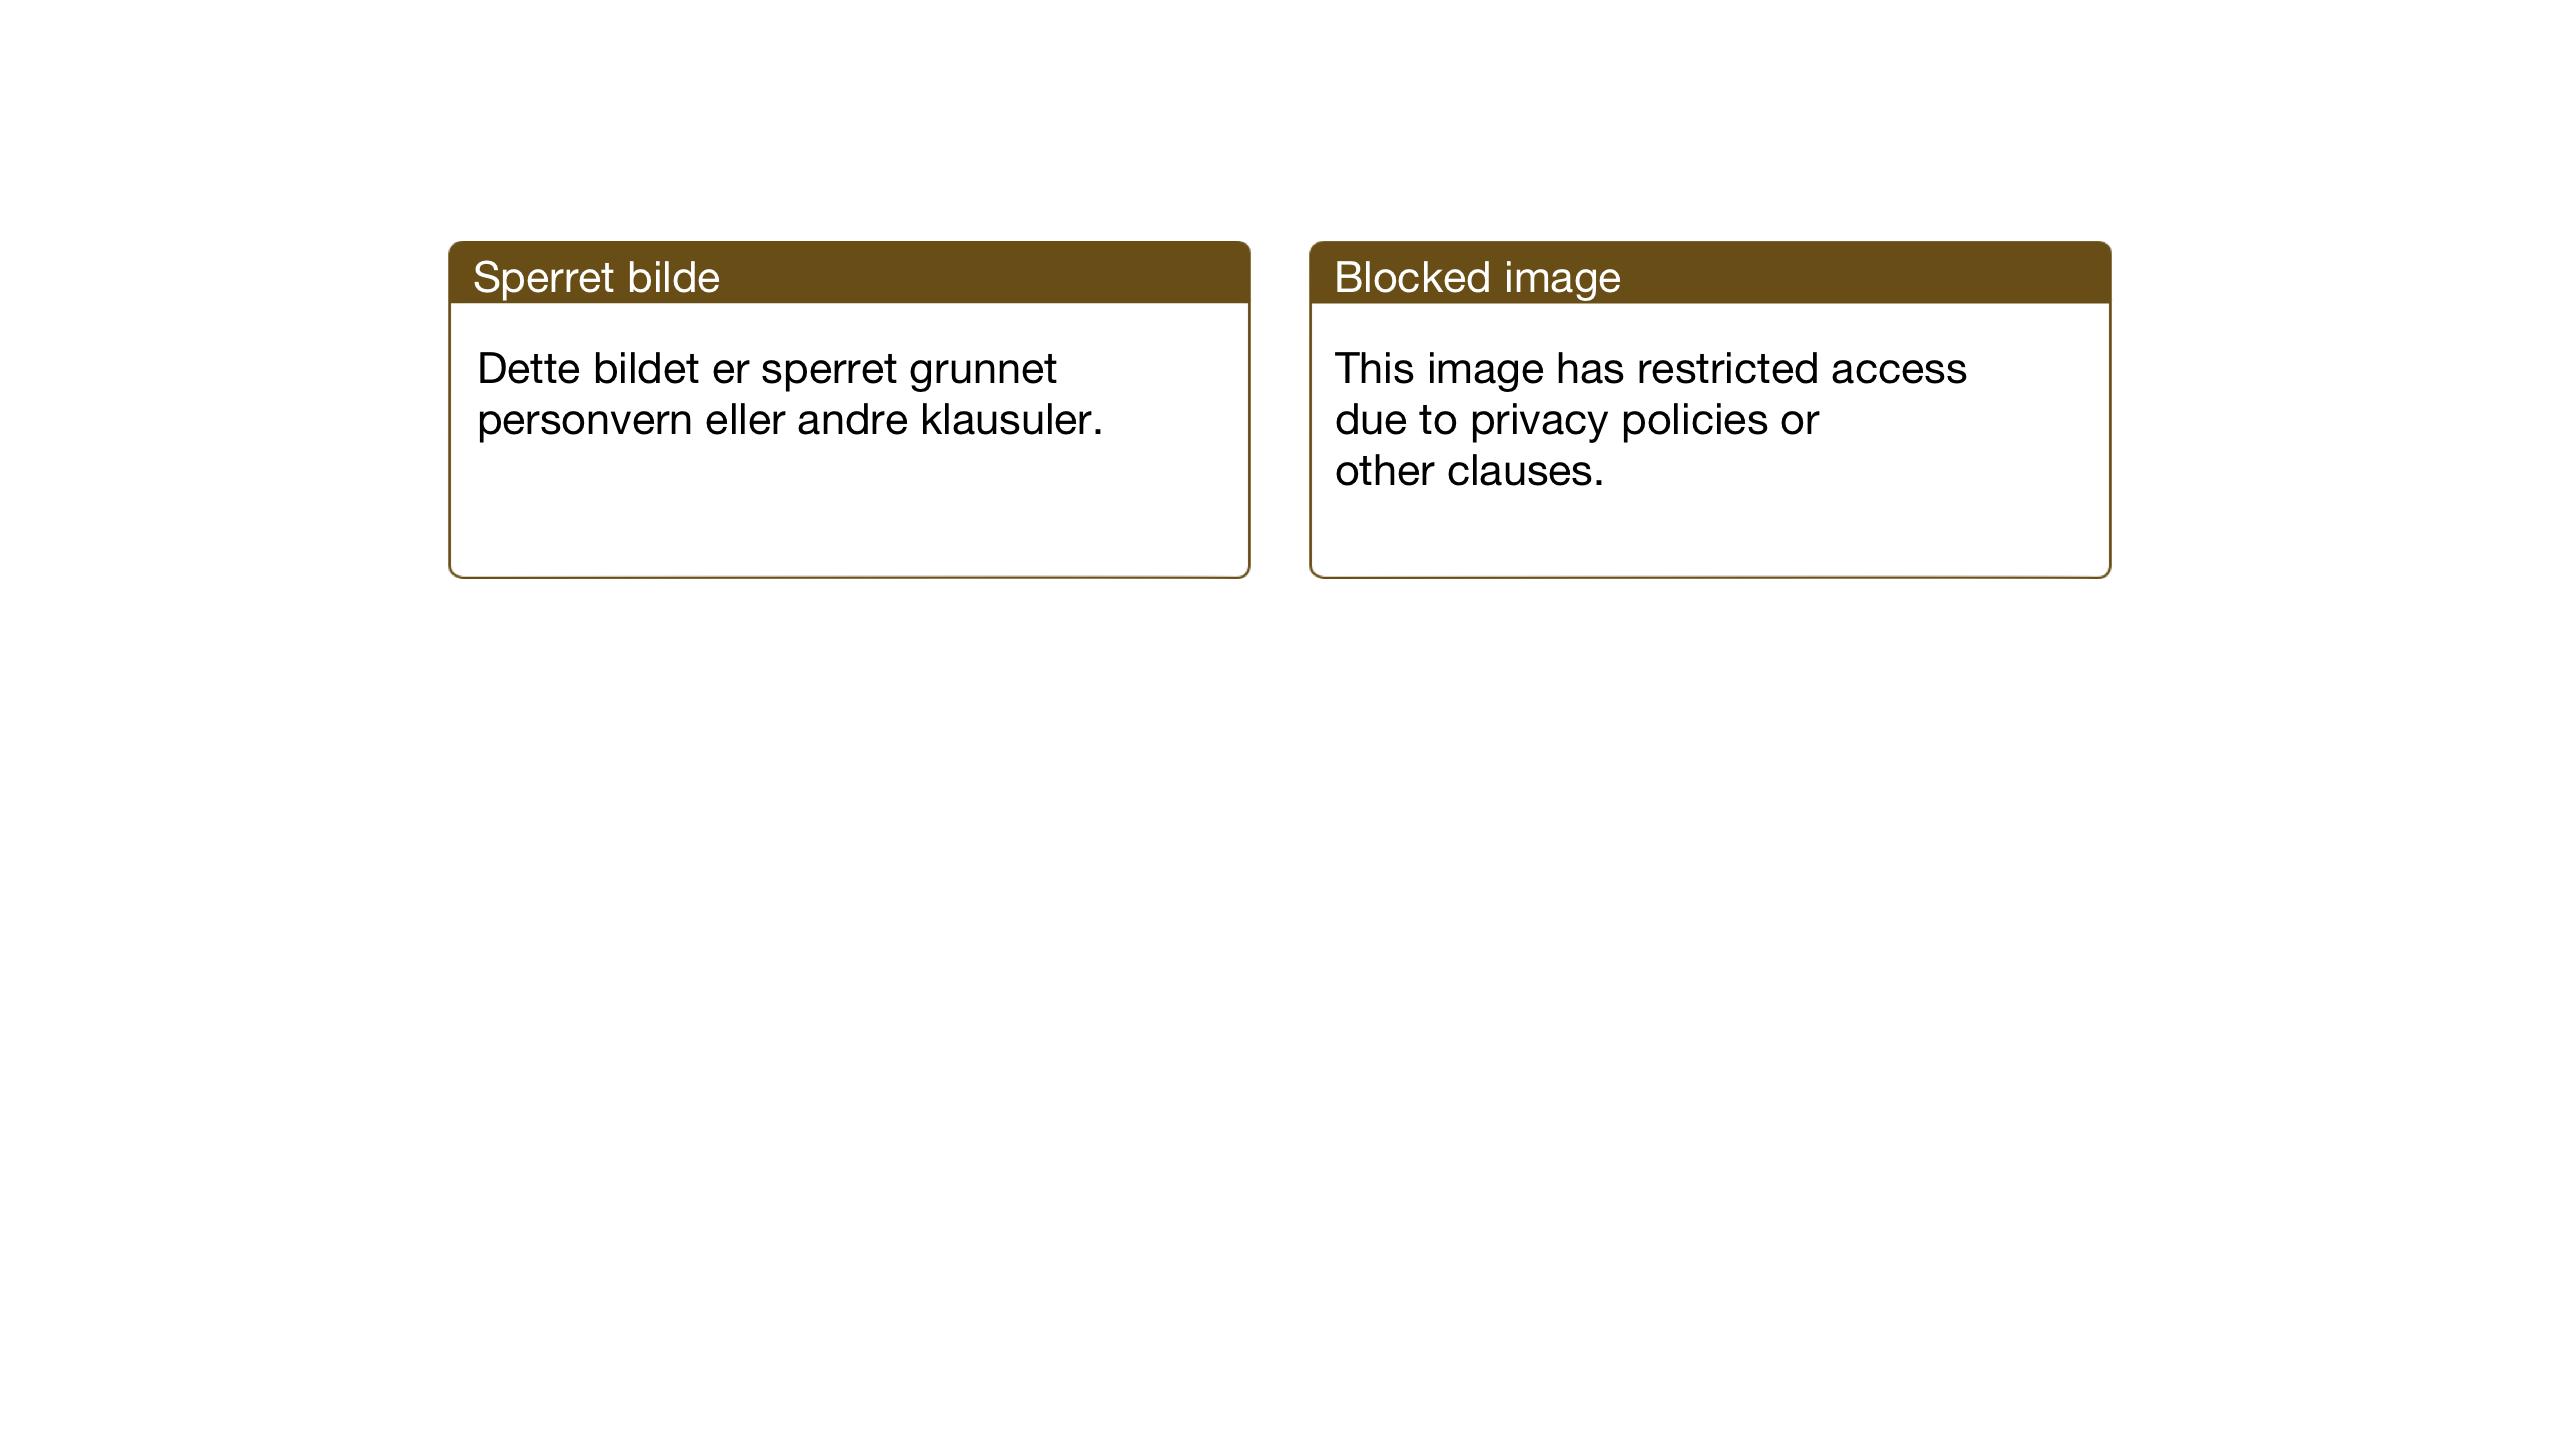 SAT, Ministerialprotokoller, klokkerbøker og fødselsregistre - Sør-Trøndelag, 674/L0878: Klokkerbok nr. 674C05, 1941-1950, s. 129